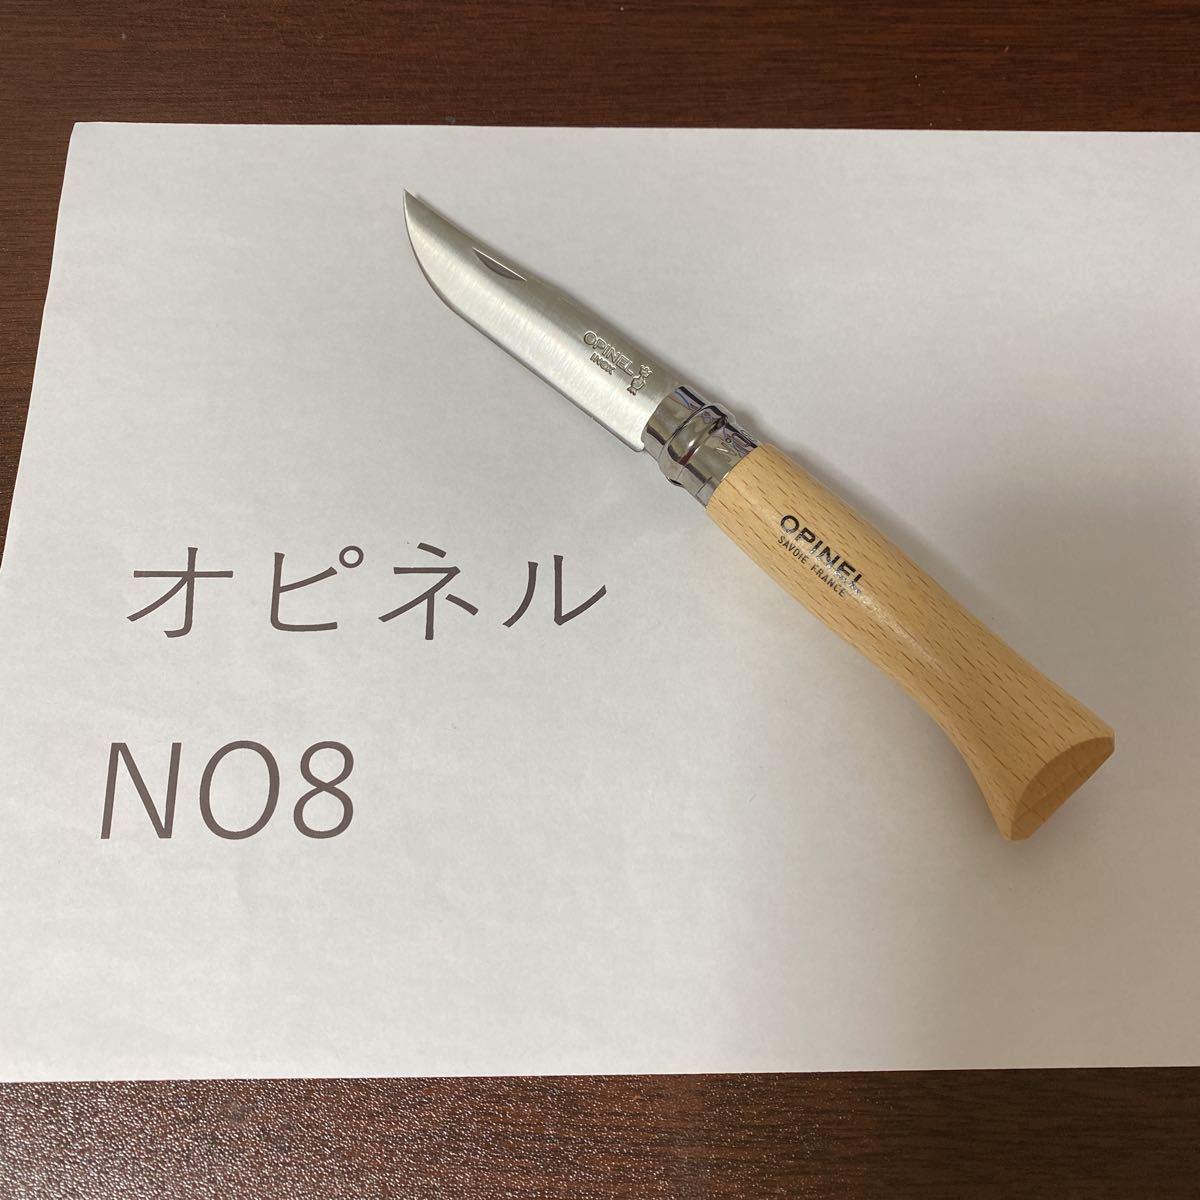 現物 オピネル OPINEL ステンレス no8 並行輸入